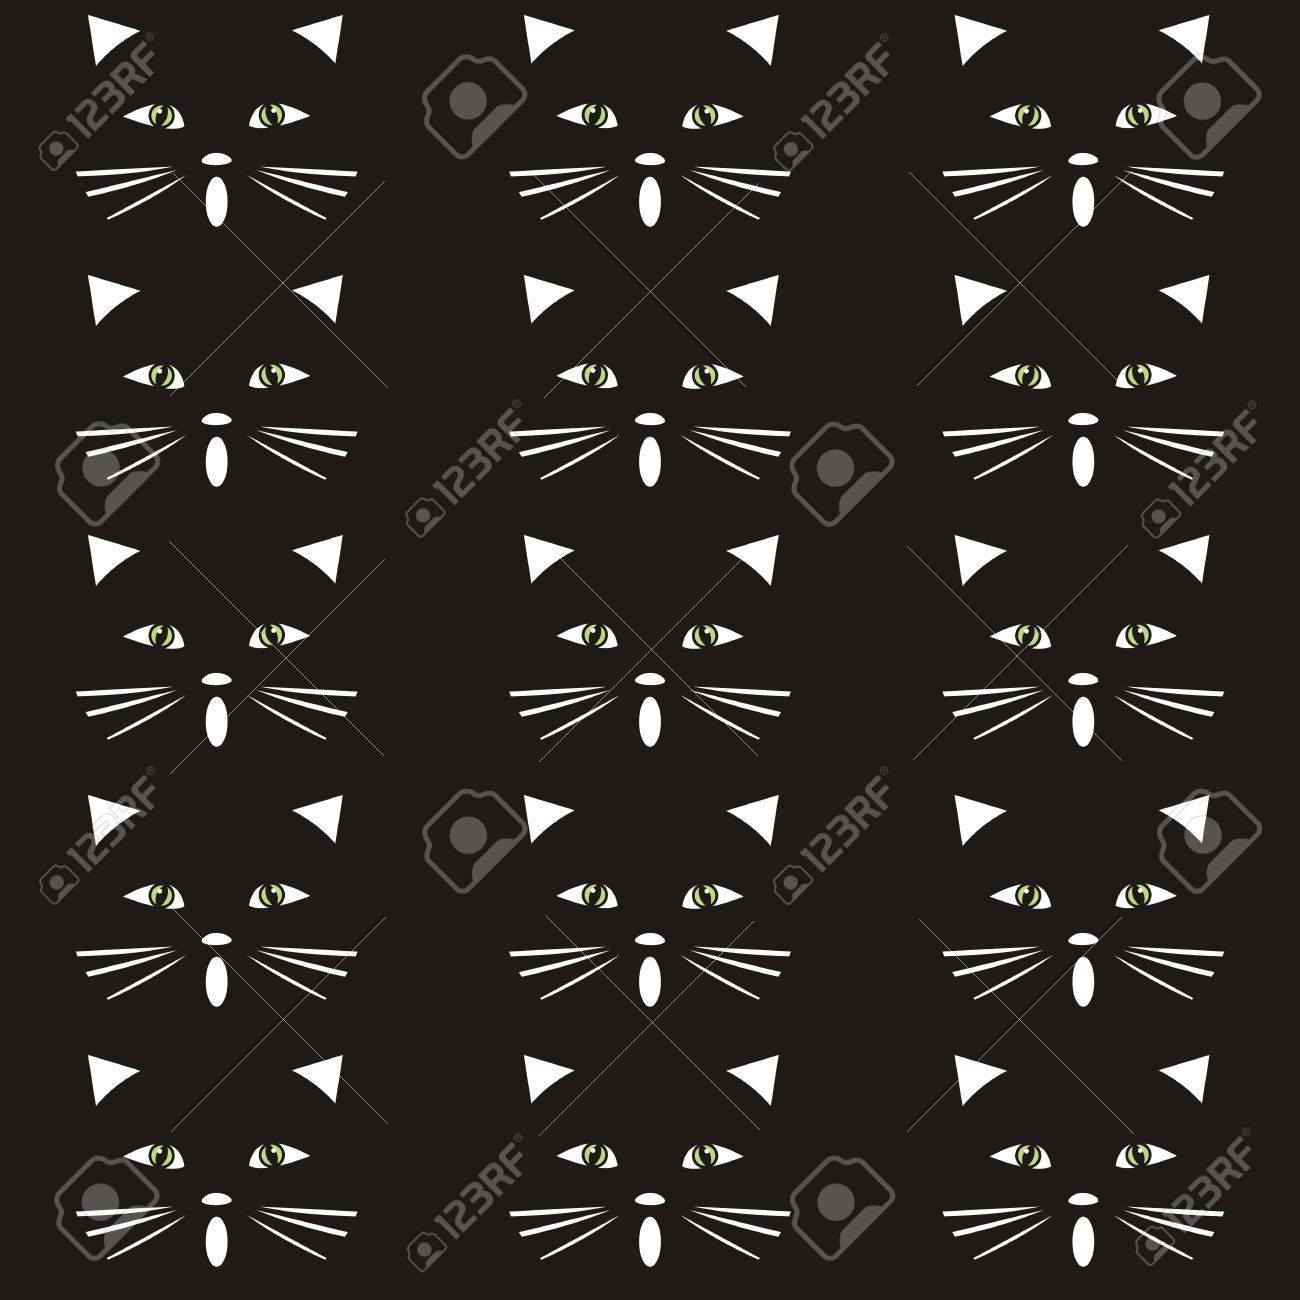 猫 テクスチャ 背景 黒と白のシルエット 壁紙やファブリック のイラスト素材 ベクタ Image